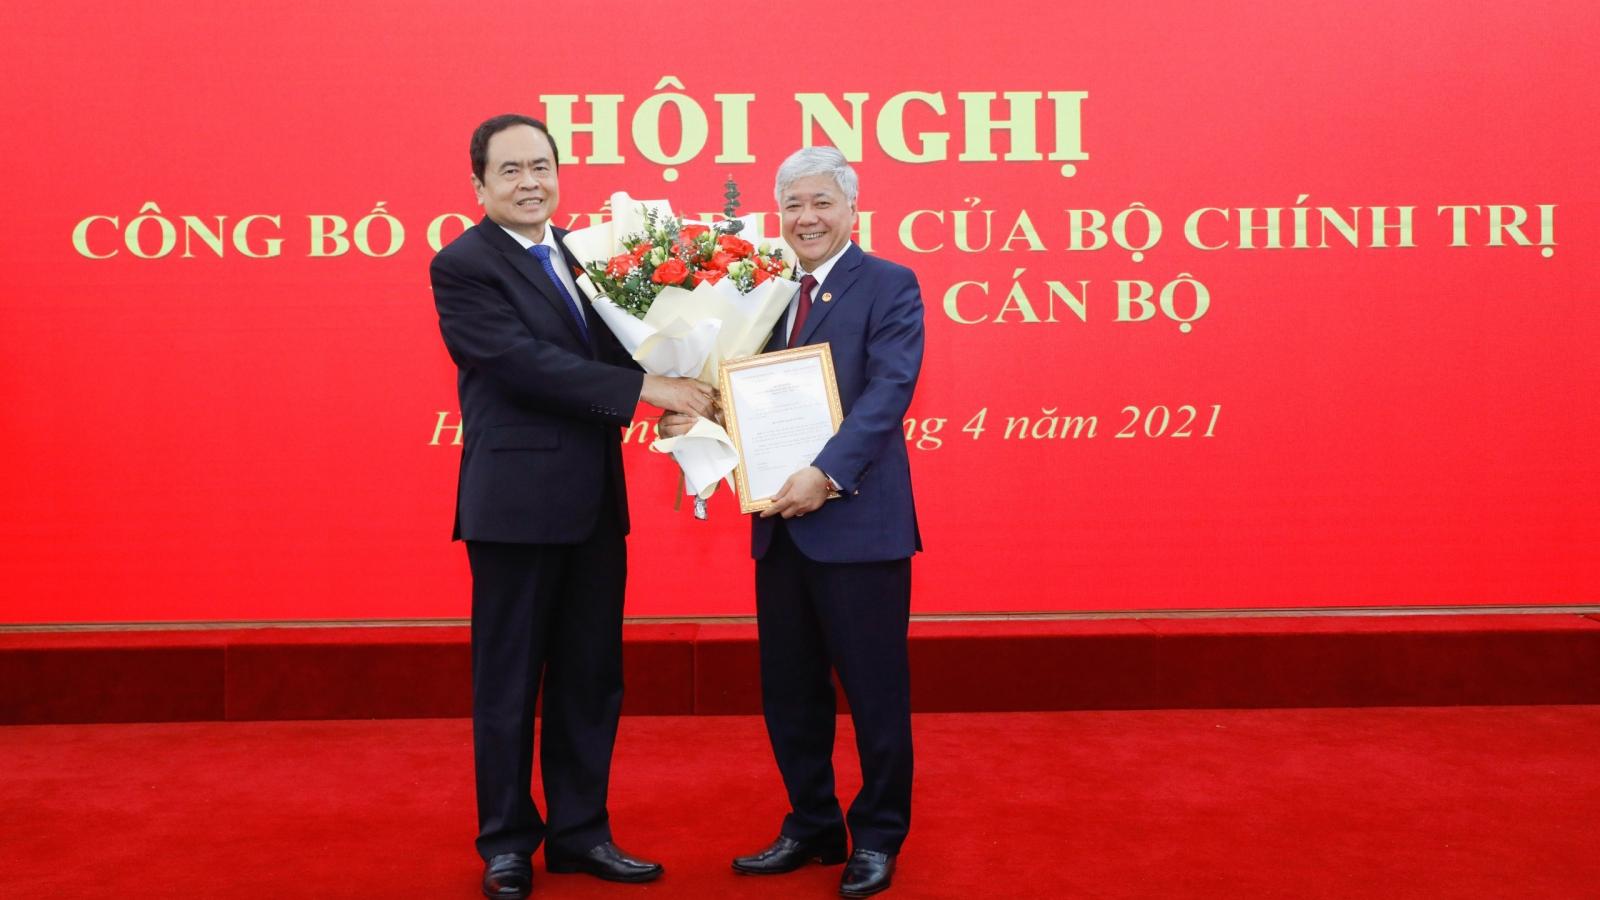 Ông Đỗ Văn Chiến làm Bí thư Đảng đoàn Ủy ban Trung ương MTTQ Việt Nam